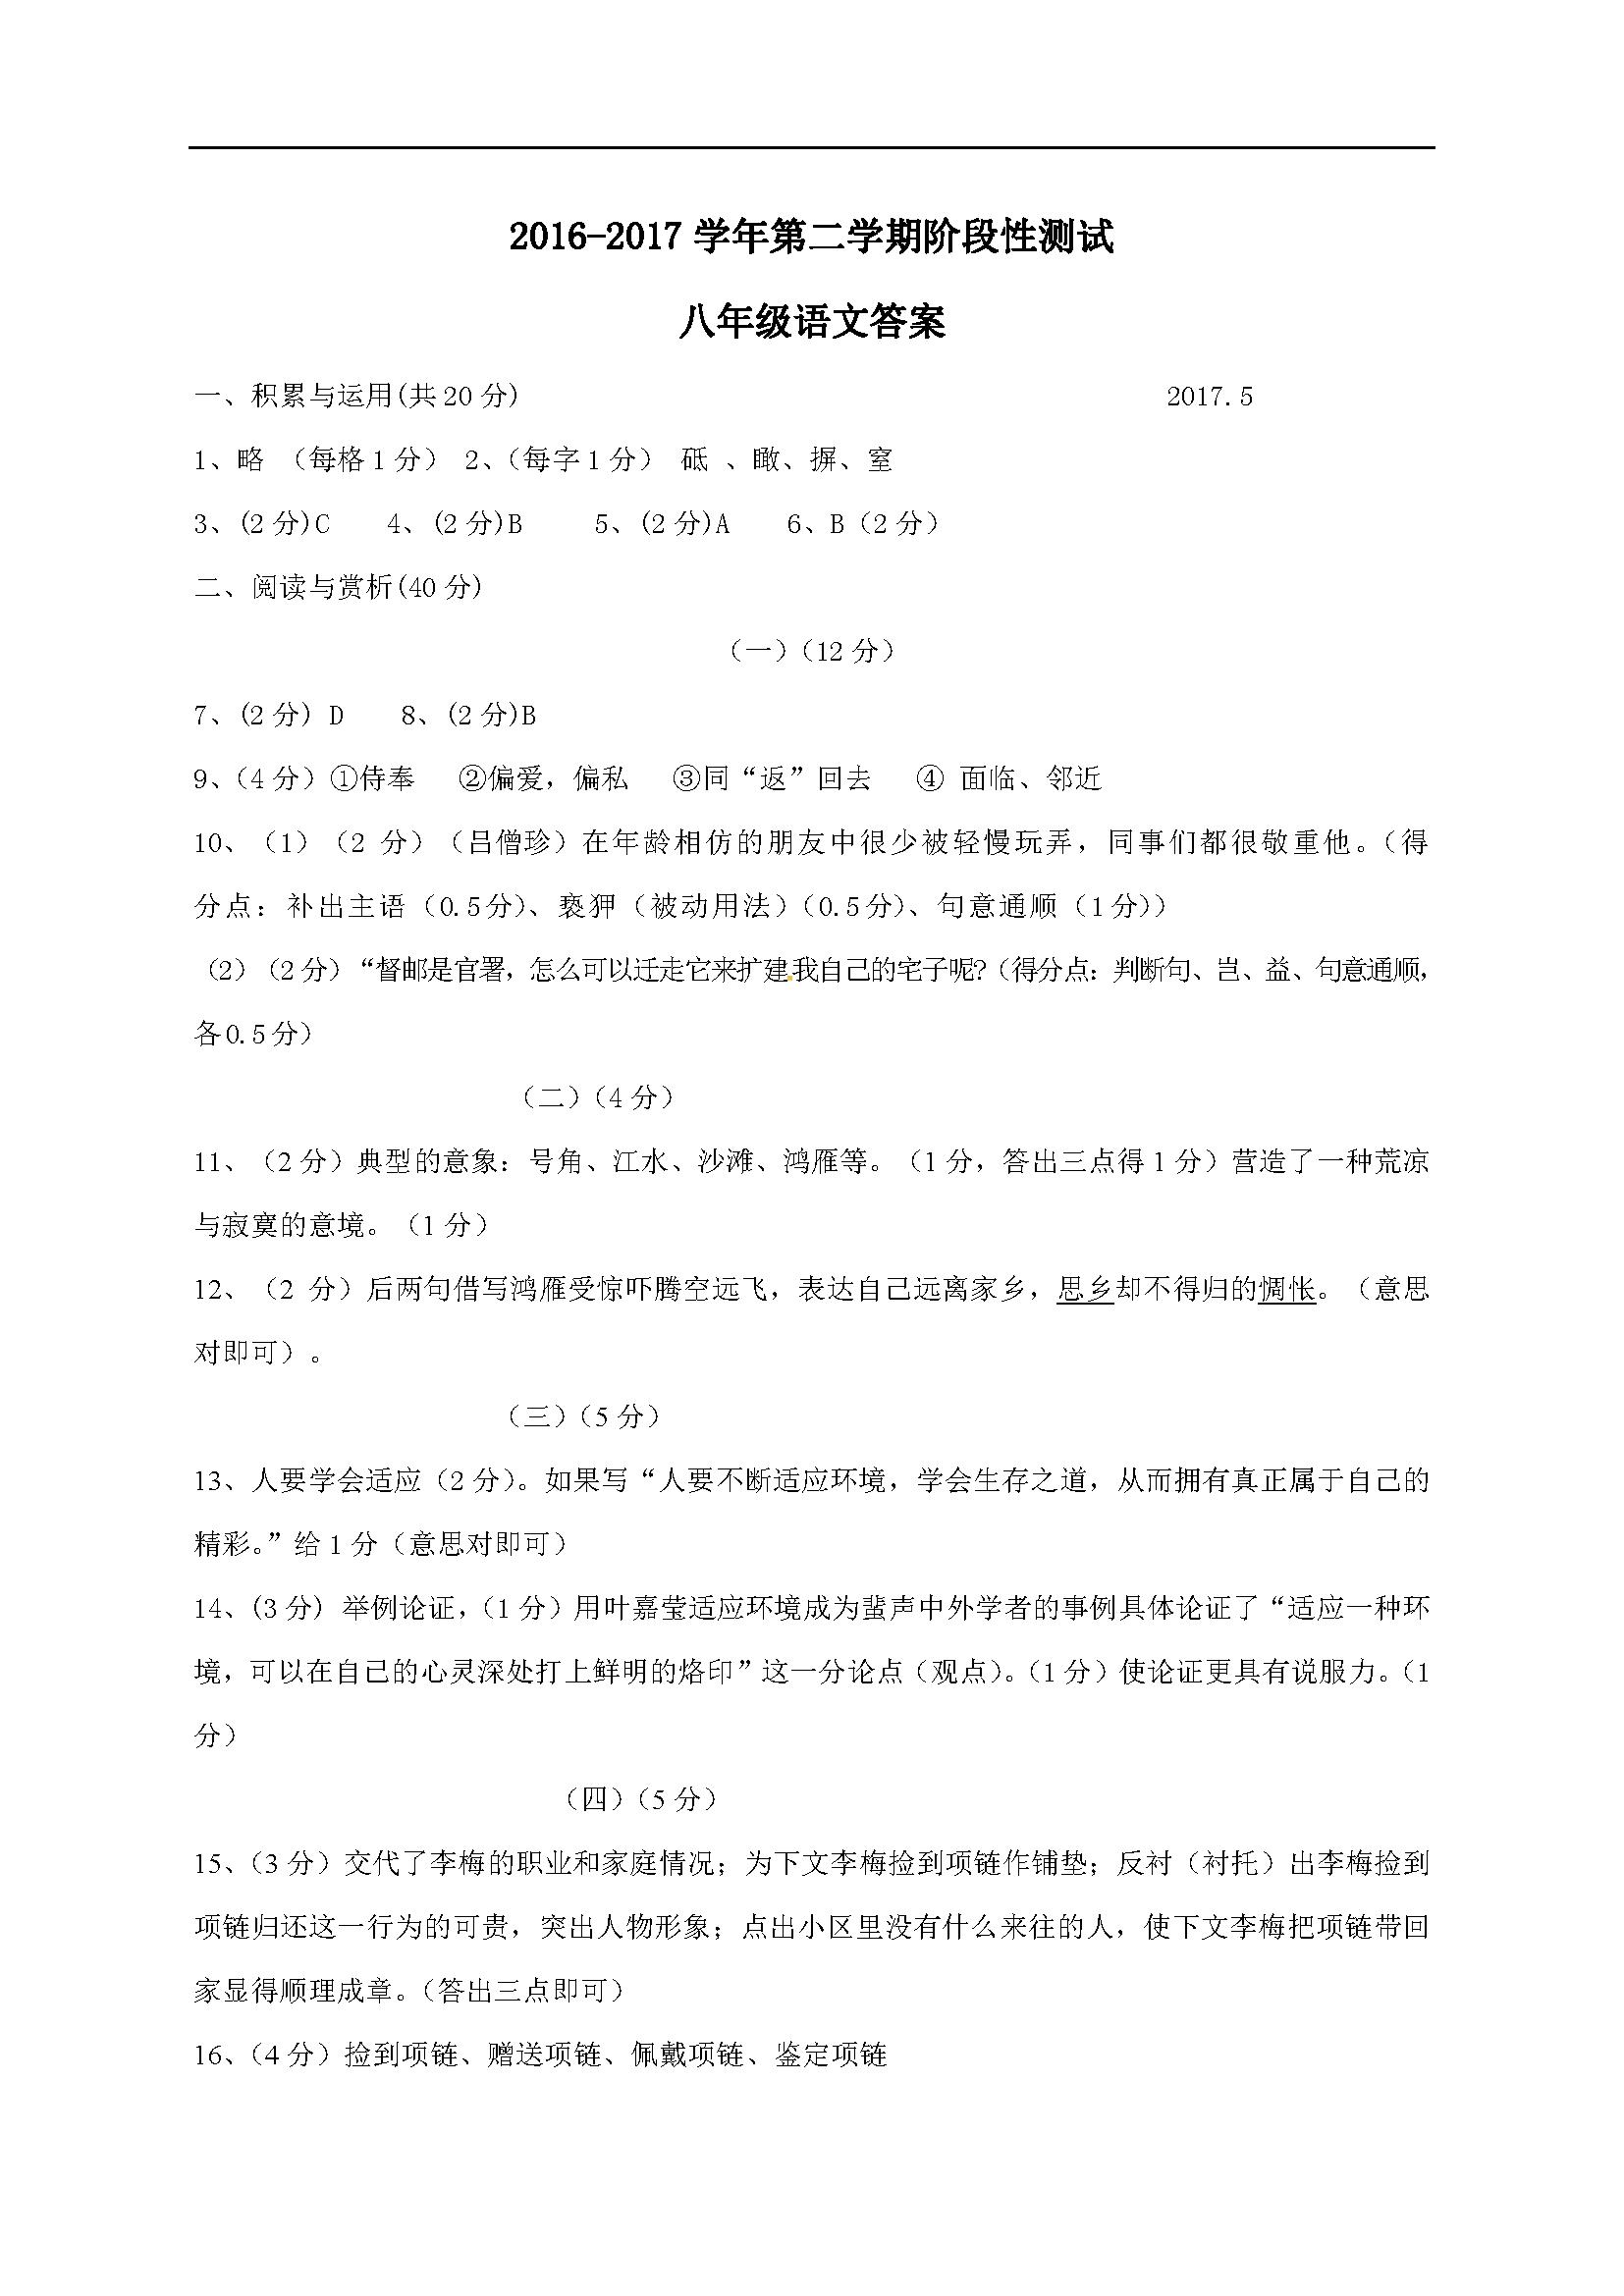 江苏无锡江阴2016-2017学年八年级5月月考语文试题答案(Word版)